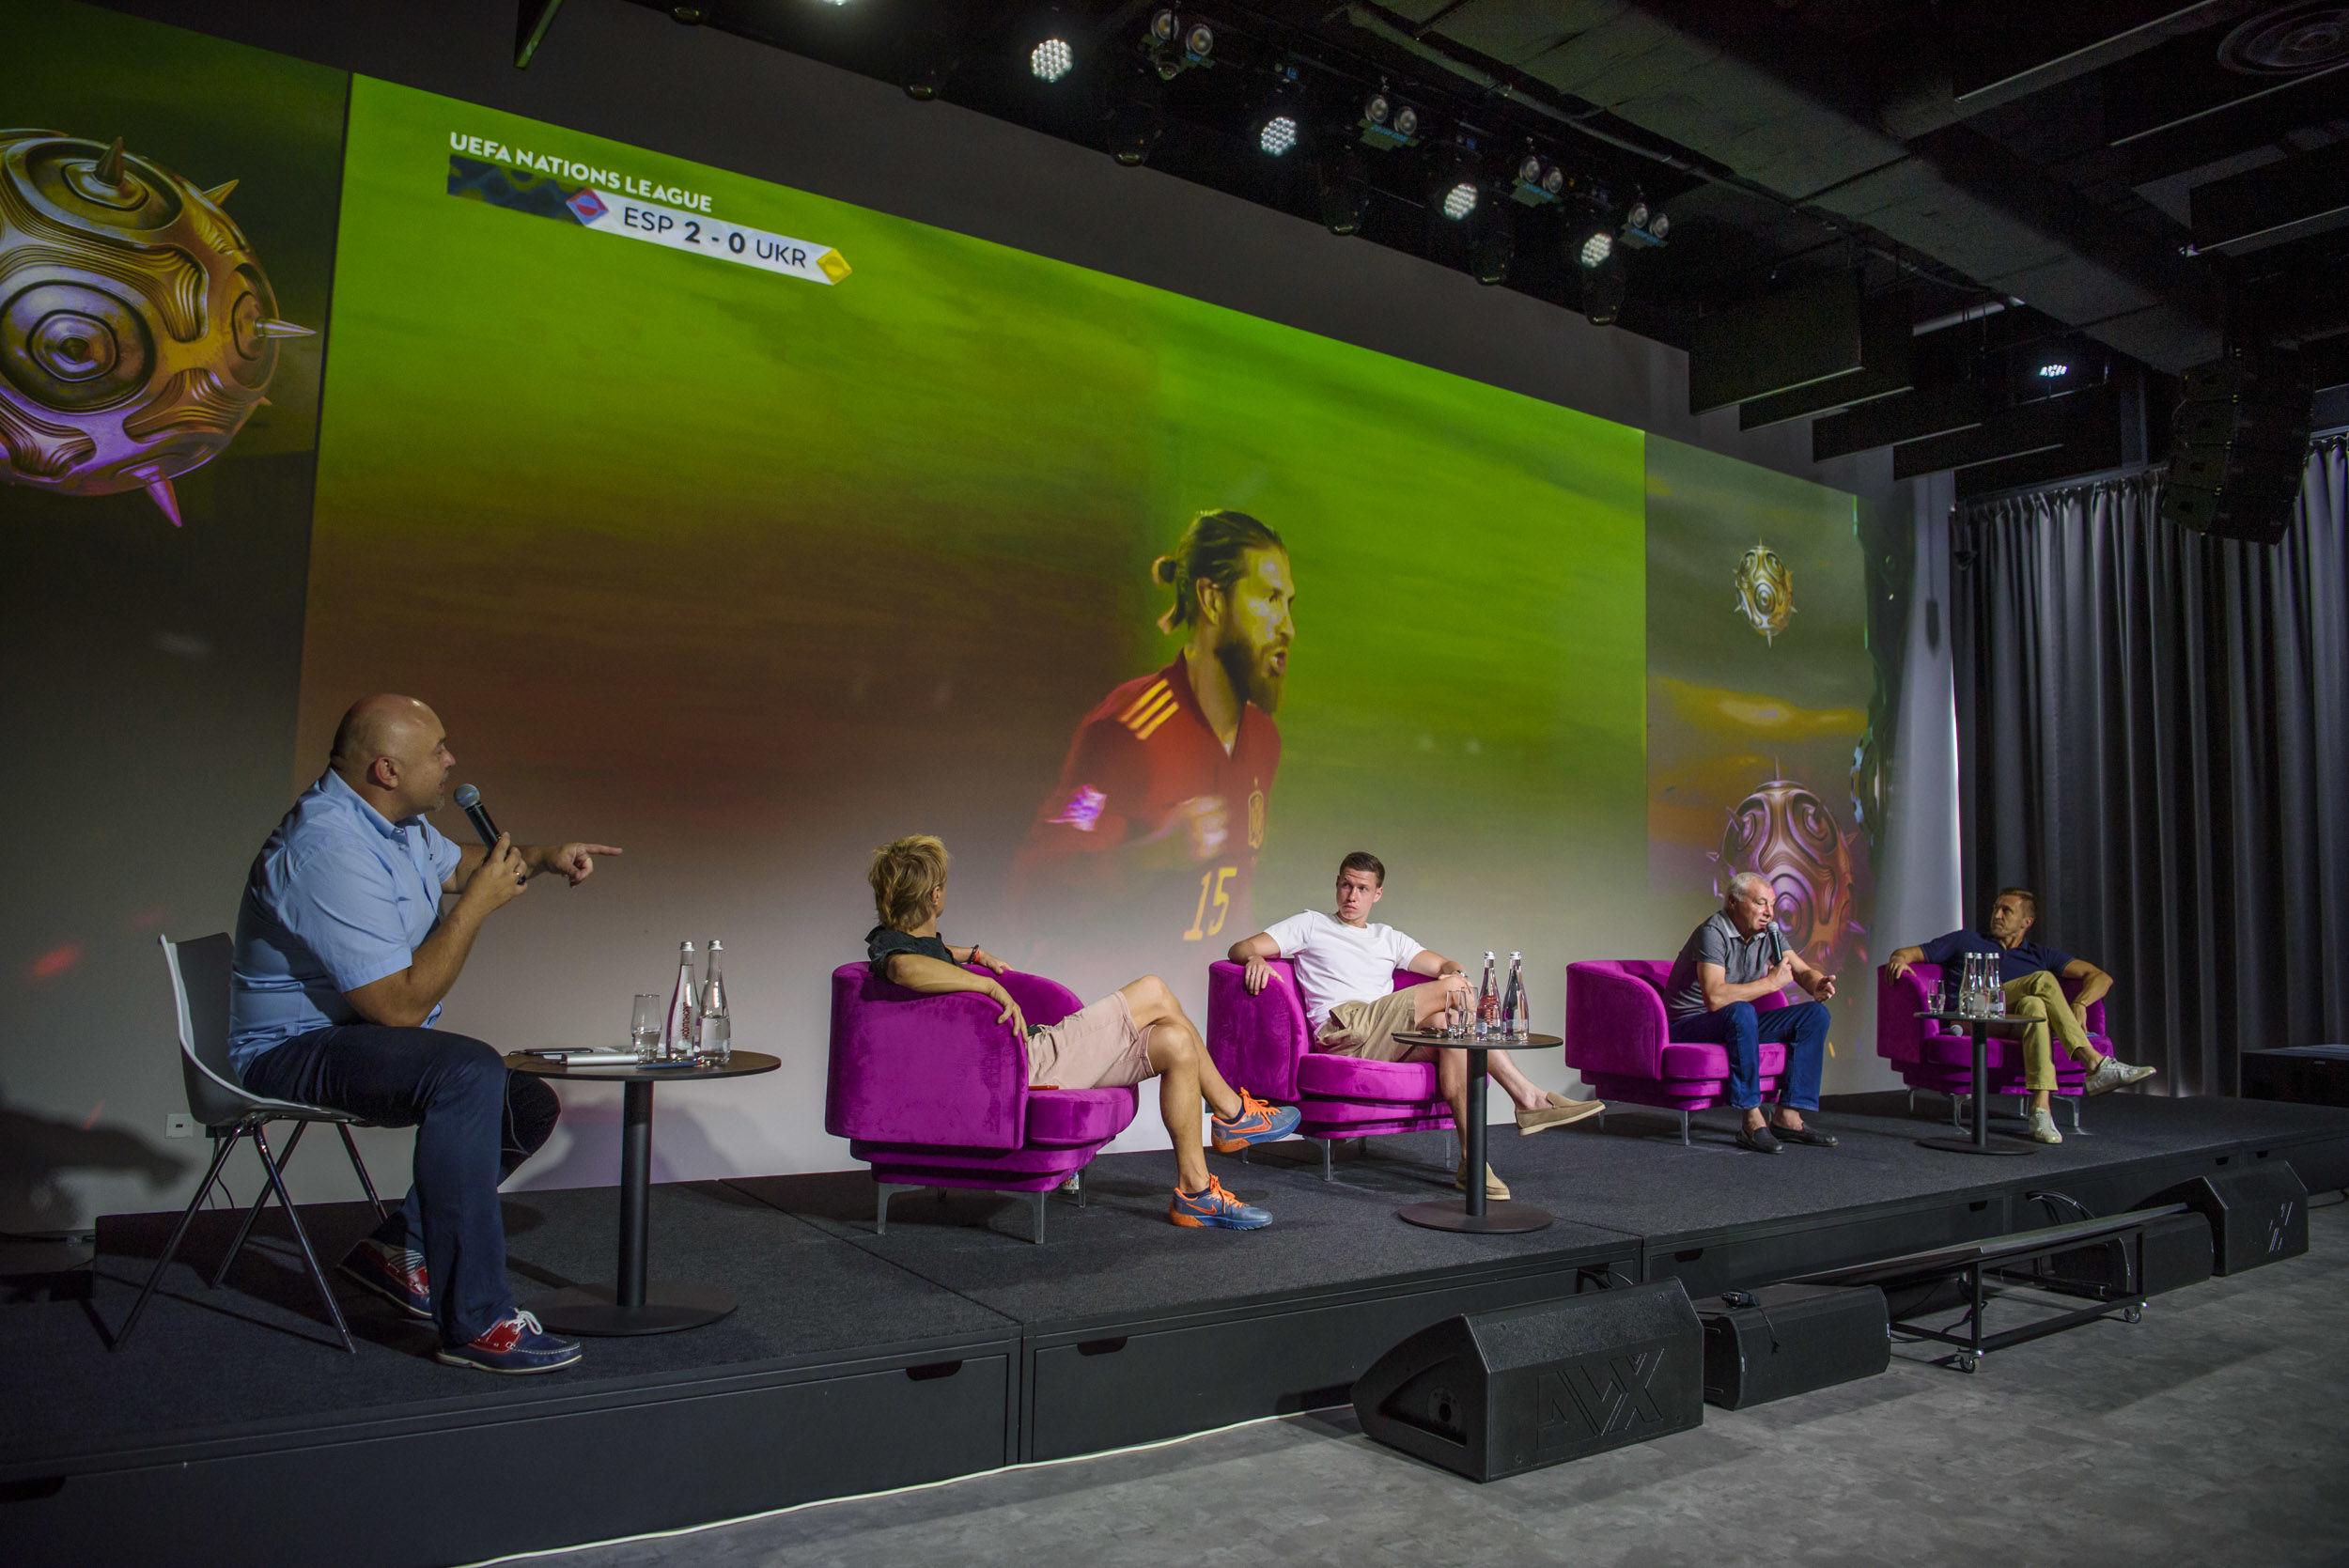 На заседании Эксперт клуба Parimatch обсудили камбек сборной Украины - изображение 2